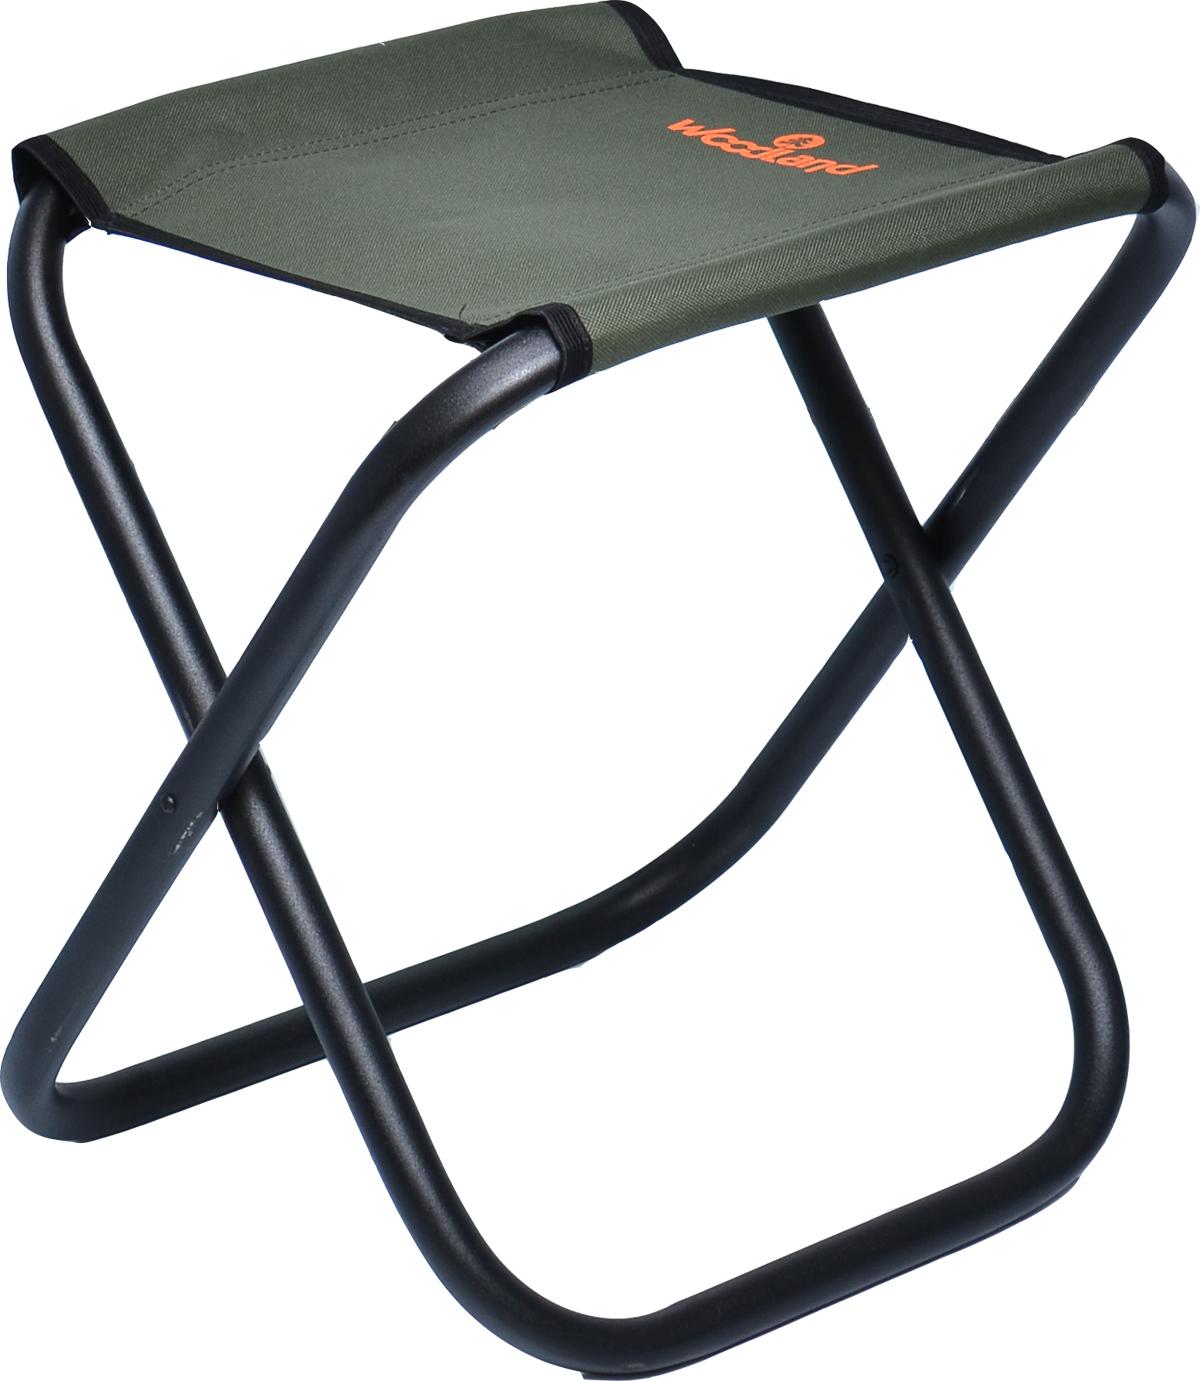 Стул складной Woodland Compact MAX, кемпинговый, цвет: оливковый, черный, 44,5 x 35 х 44 см стул складной bushido цвет синий 35 х 28 х 33 см